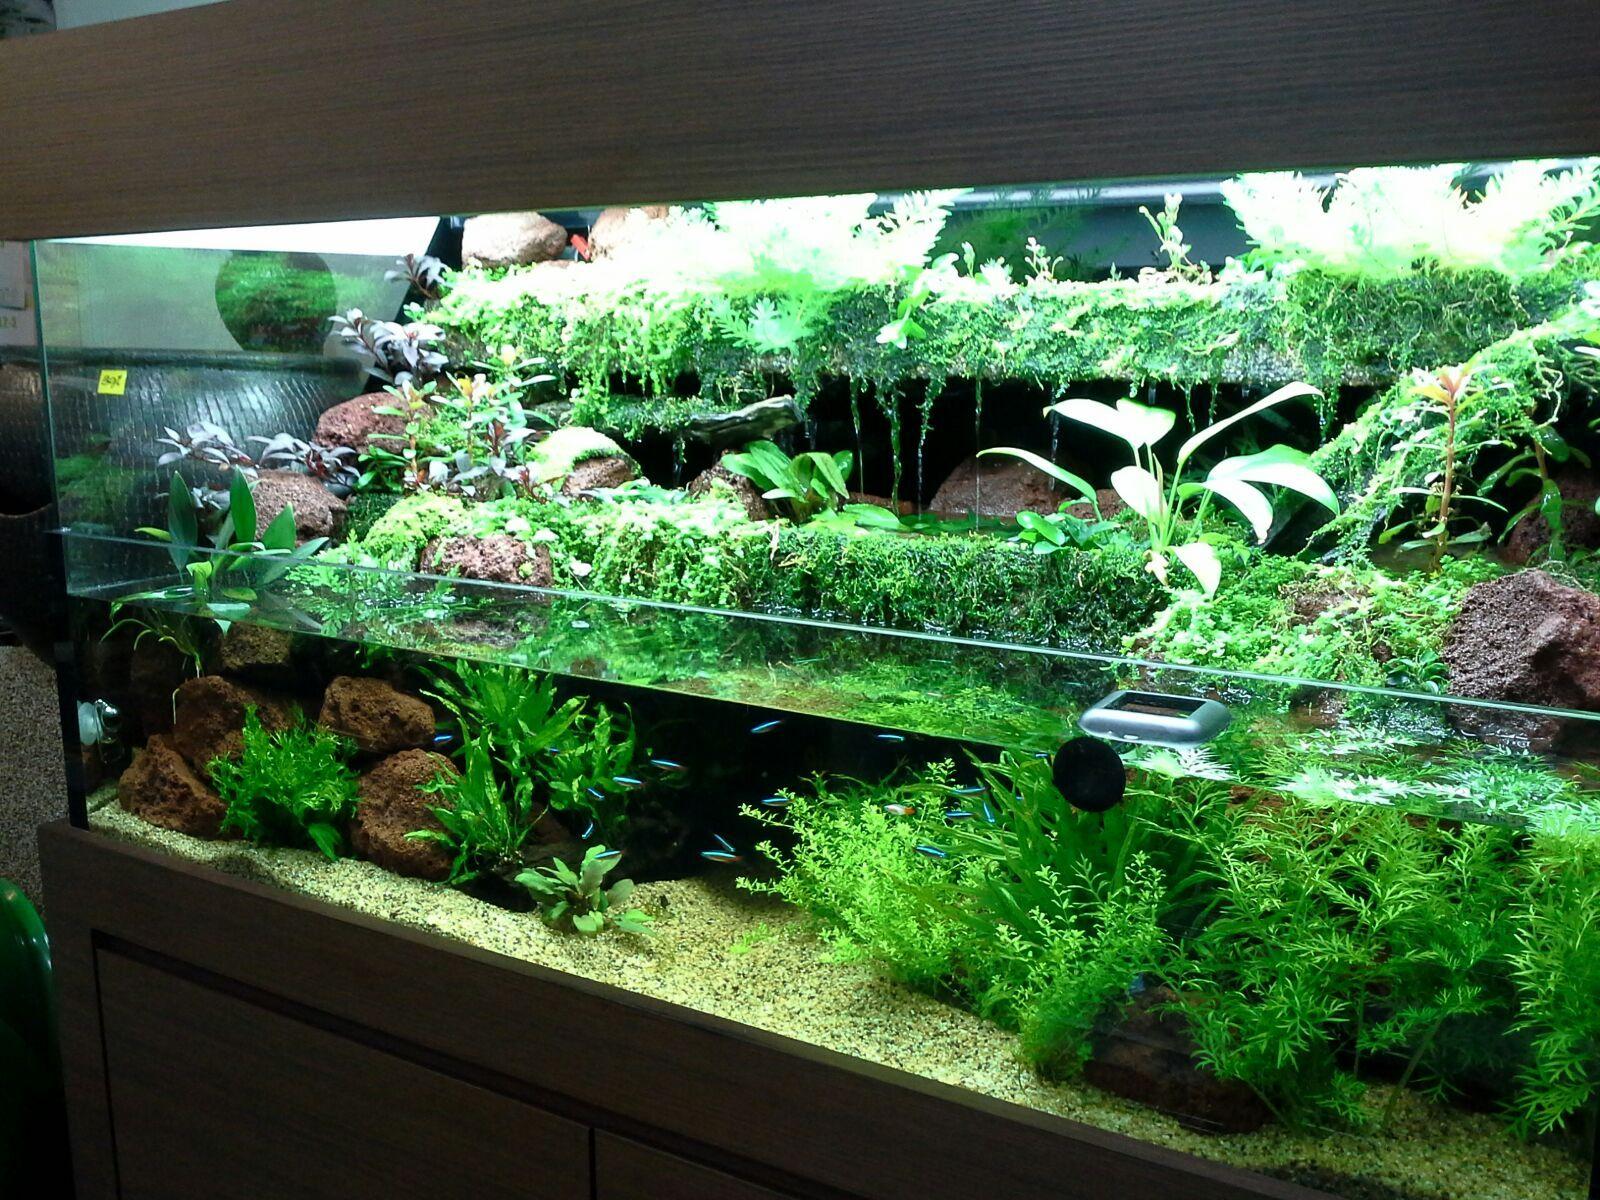 pin by aquafishtanks on paludarium pinterest aquarium terrarium